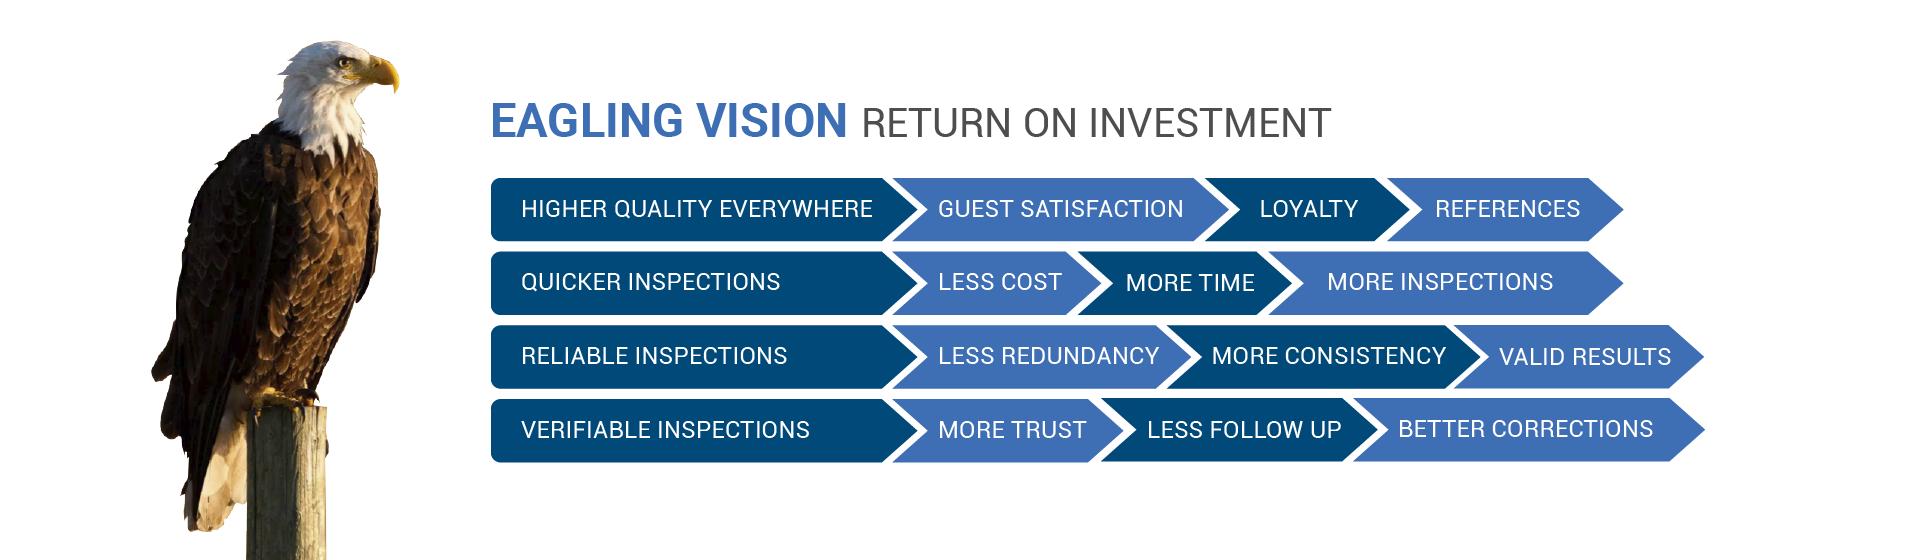 Eagling Vision Return